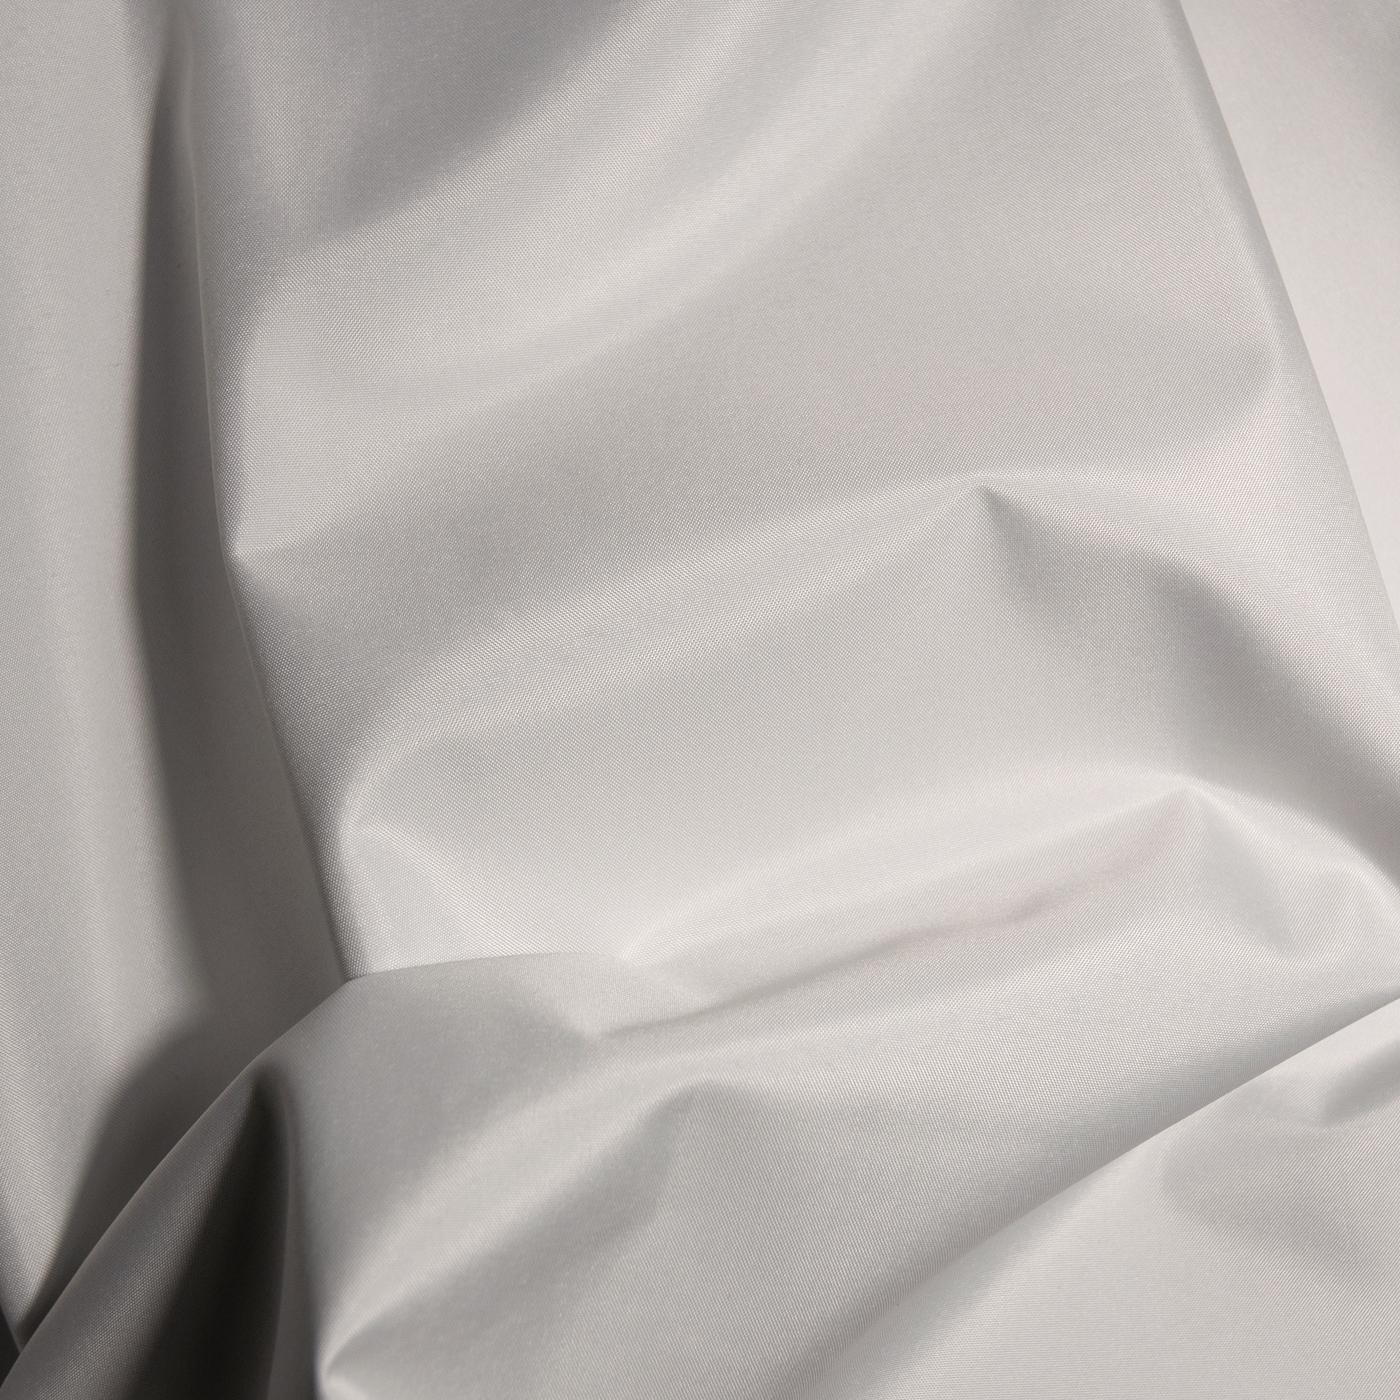 Blackout 812 weiß/weiß 100% PL schwer entflammbar 280cm Warenbreite/Warenhöhe